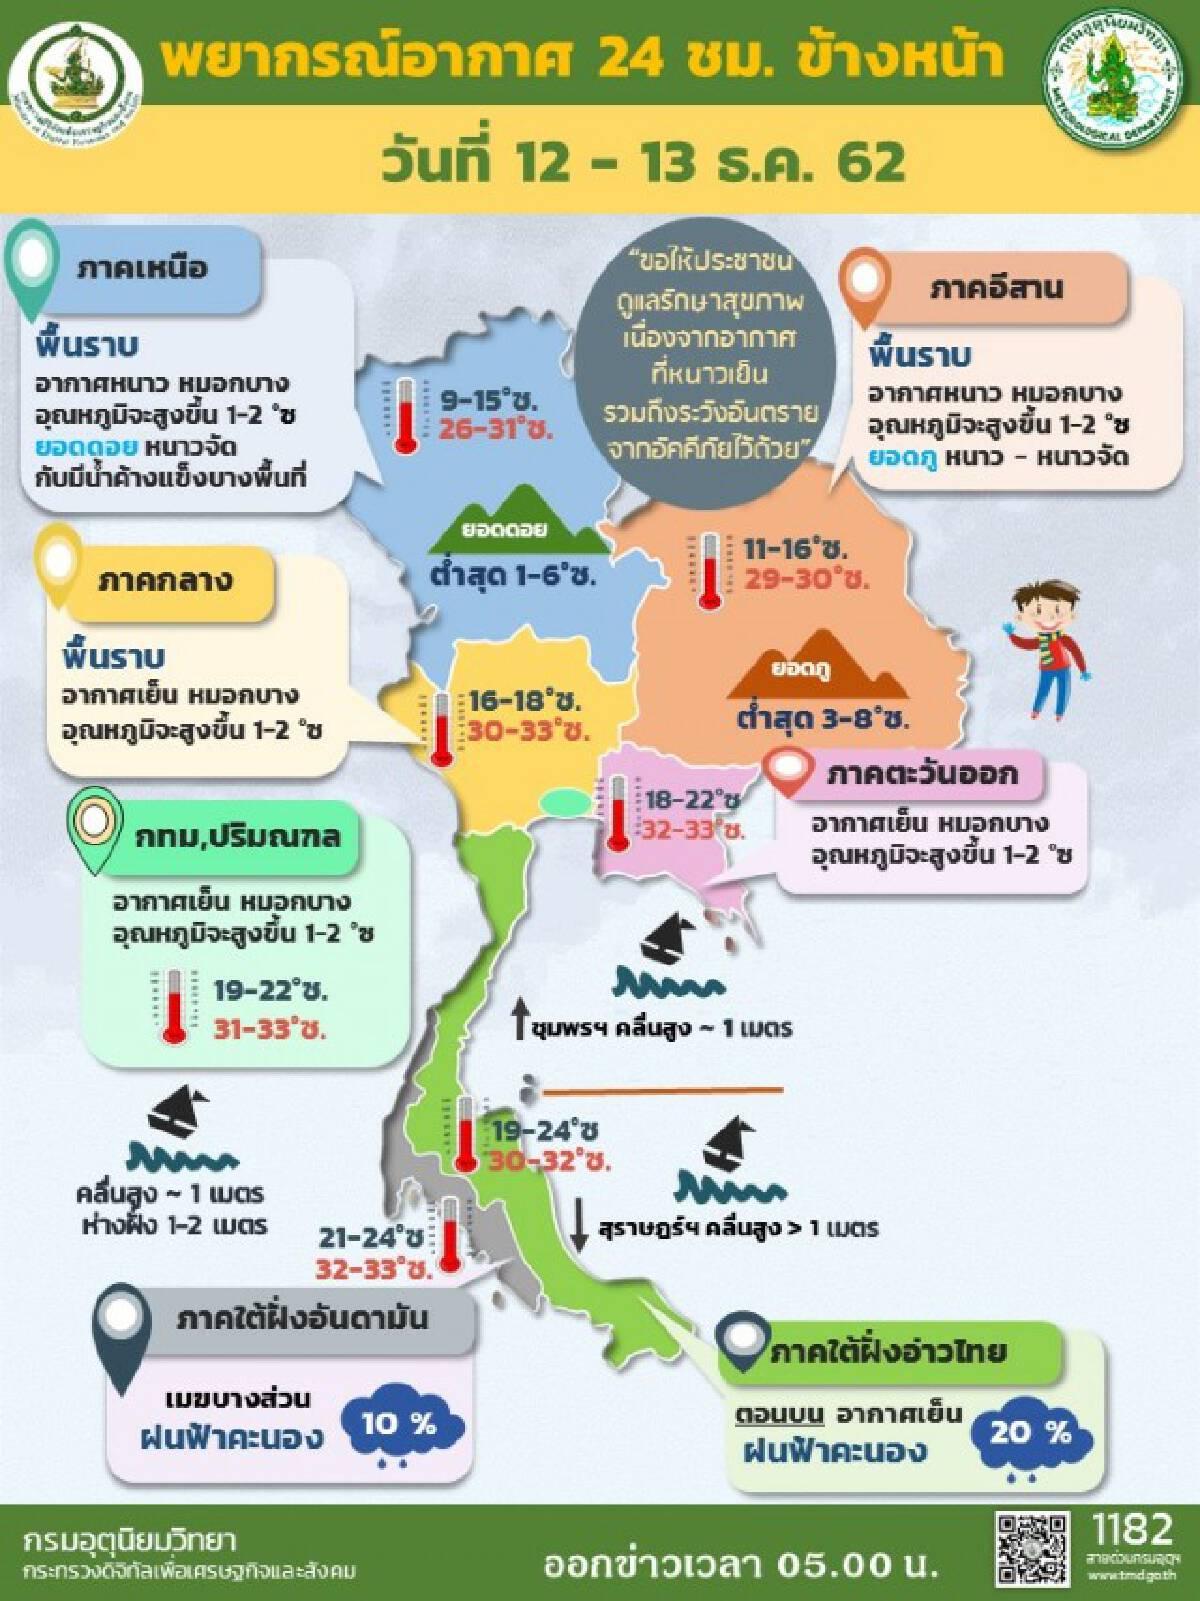 อุตุฯ เผยไทยมีอากาศหนาวเย็นต่อเนื่อง แม้อุณหภูมิจะสูงขึ้น 1-2 องศาฯ